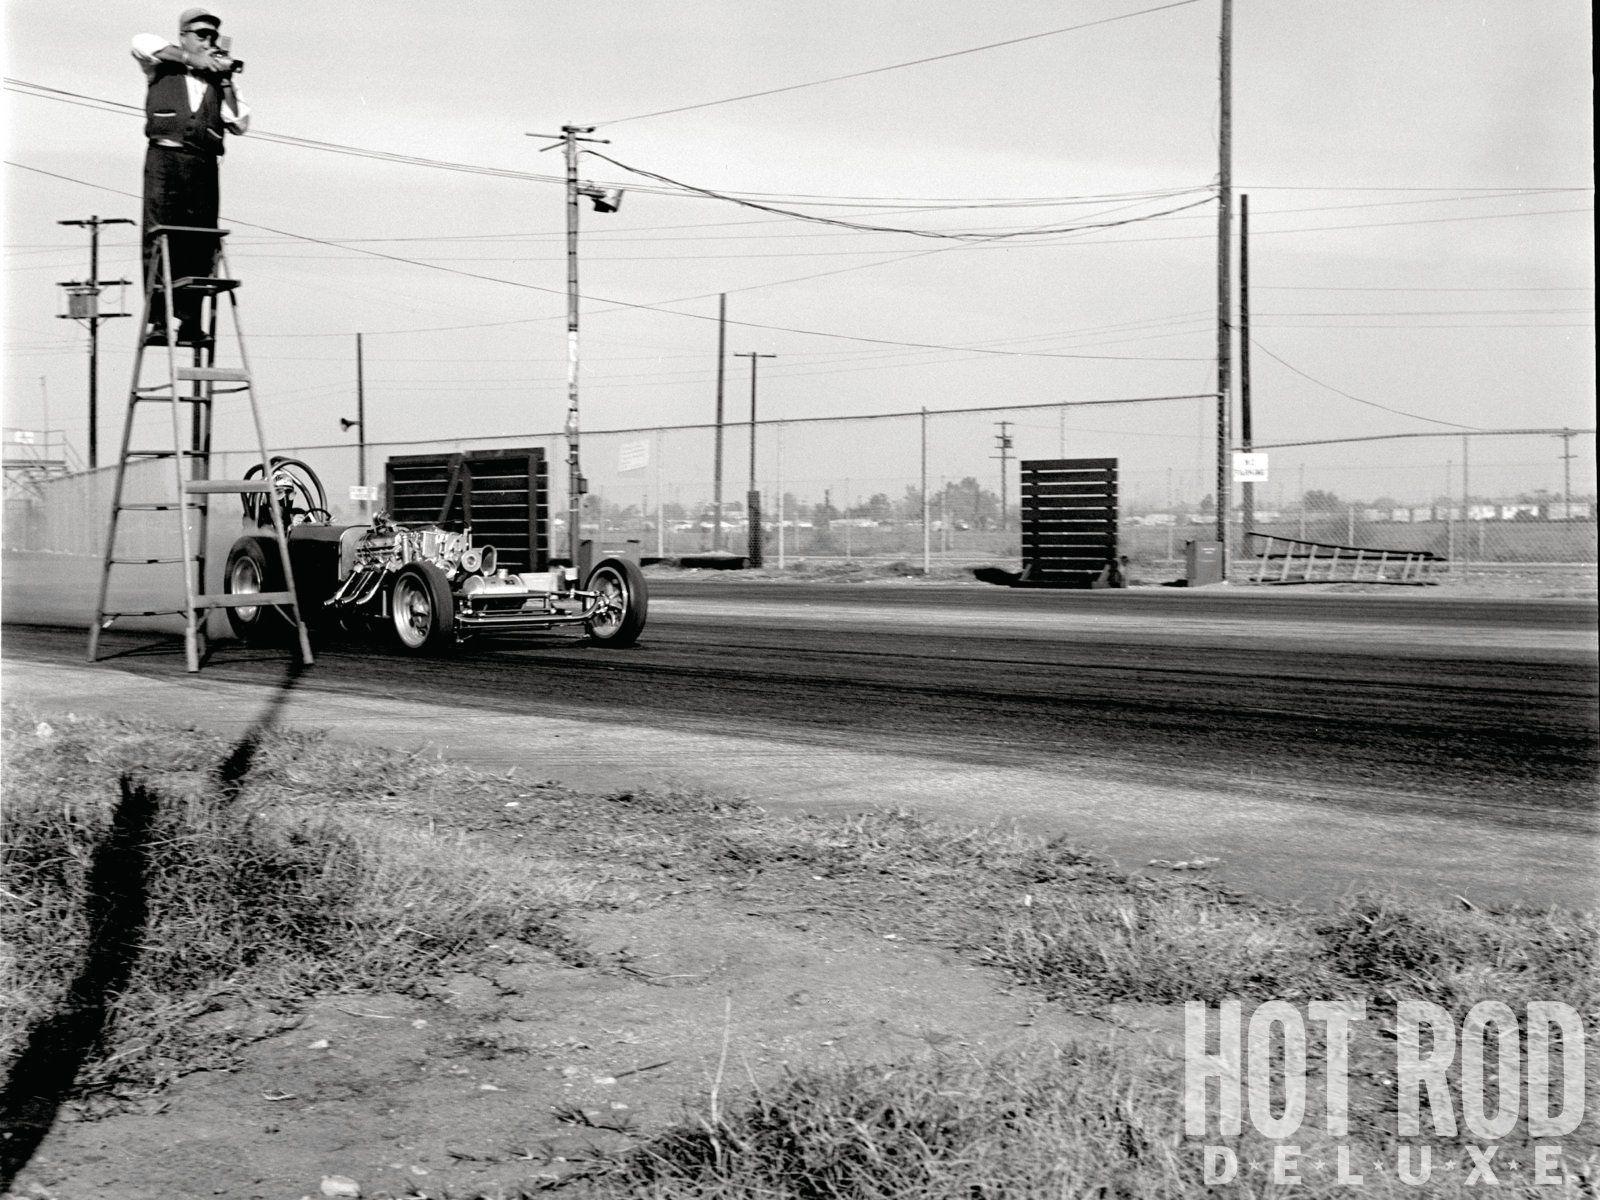 Hrxp 1107 1960 Eric Rickman Vintage Hot Rod Photos 000 Photo 1